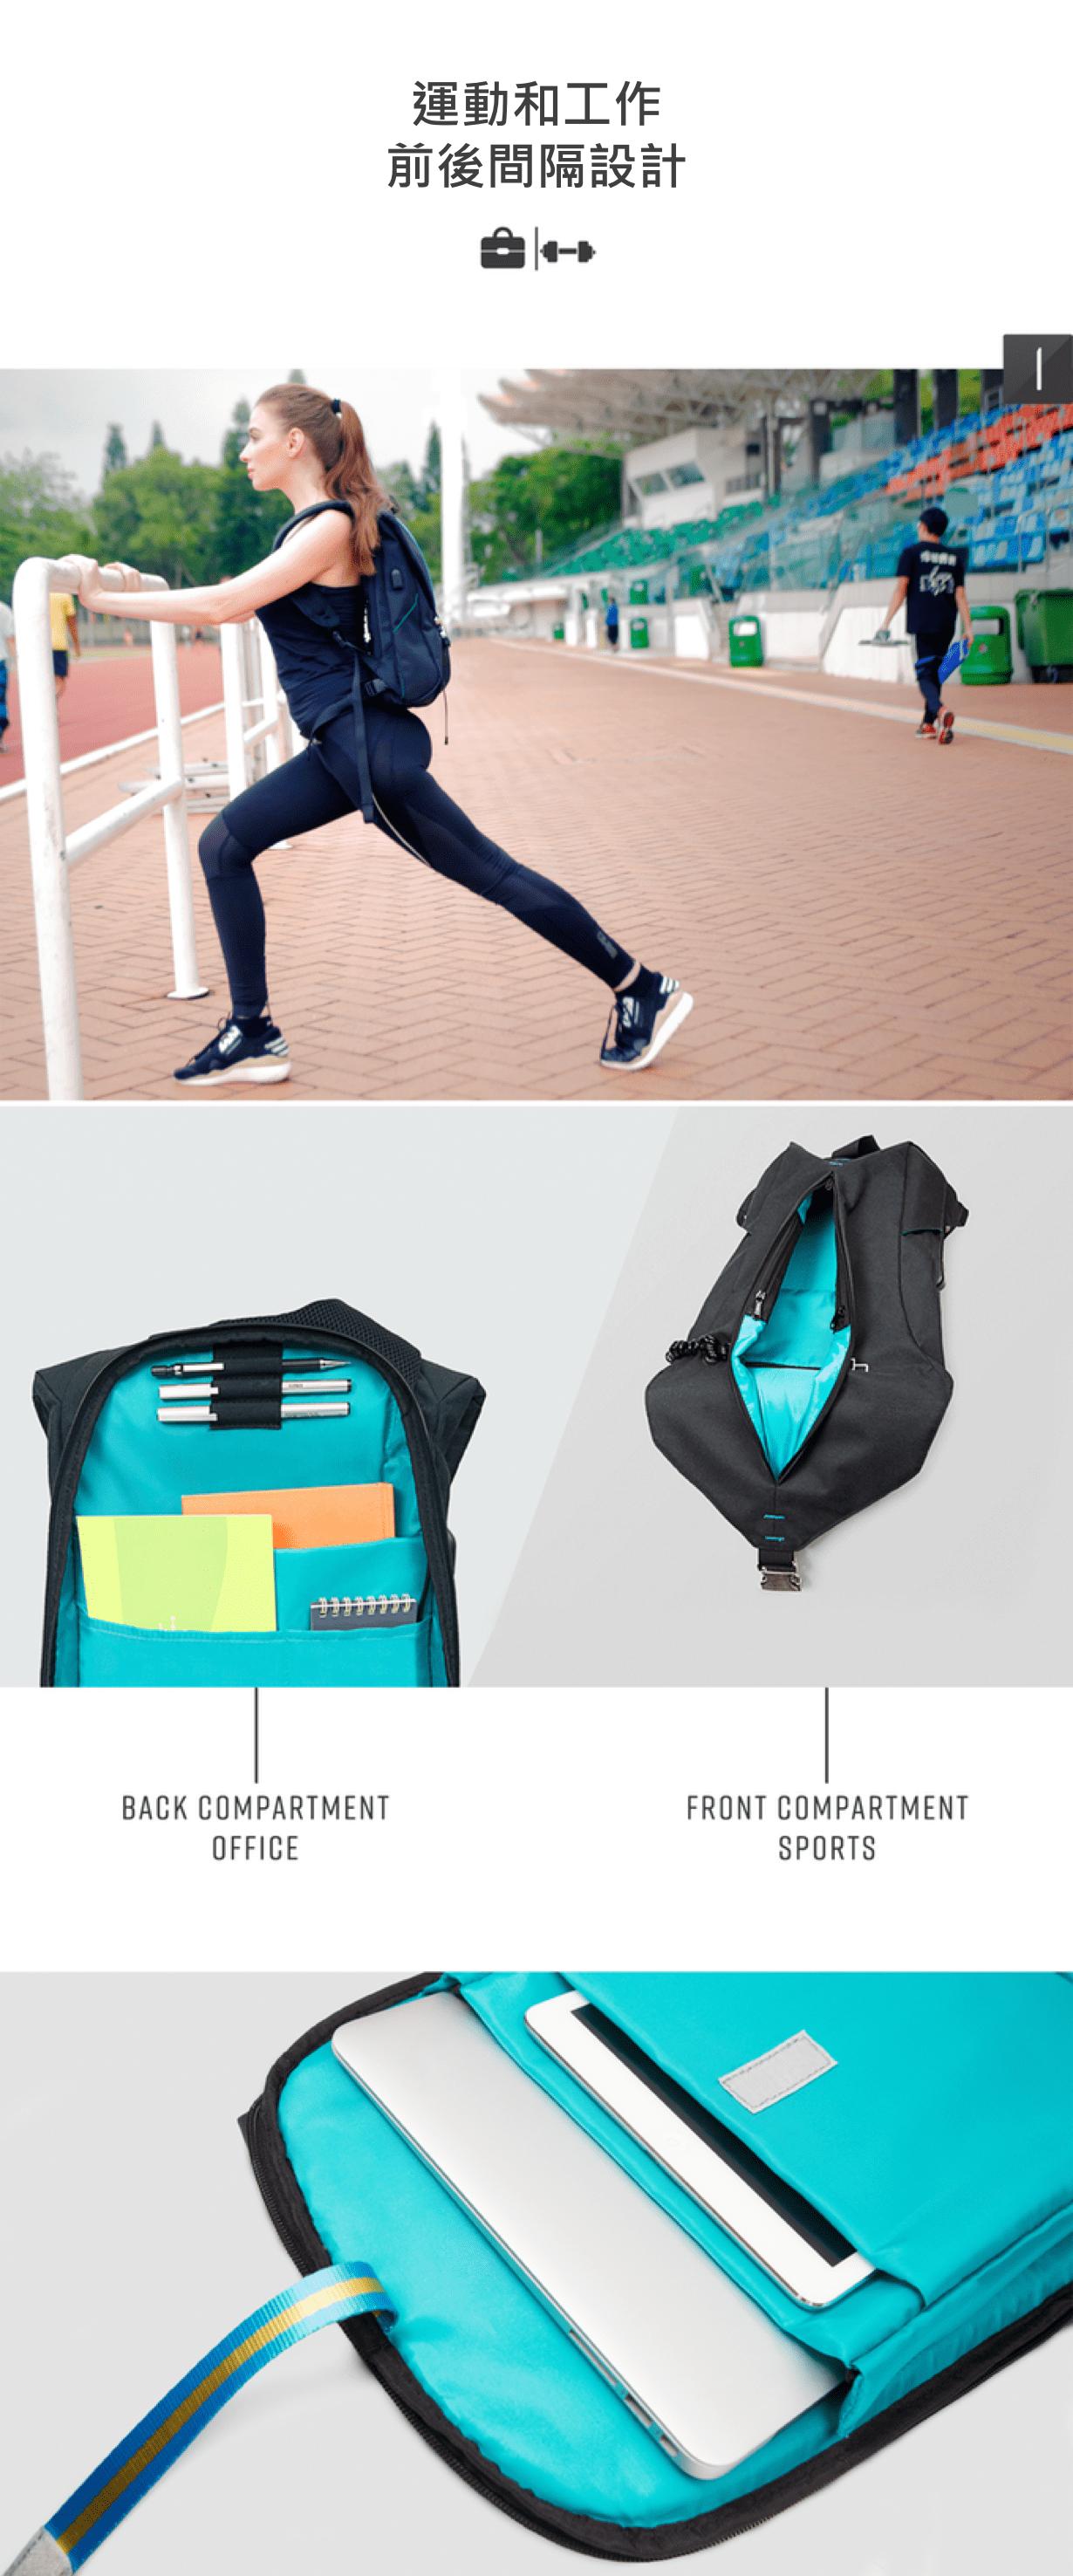 瑞典 Vandra 工作運動兩用背包-1-min